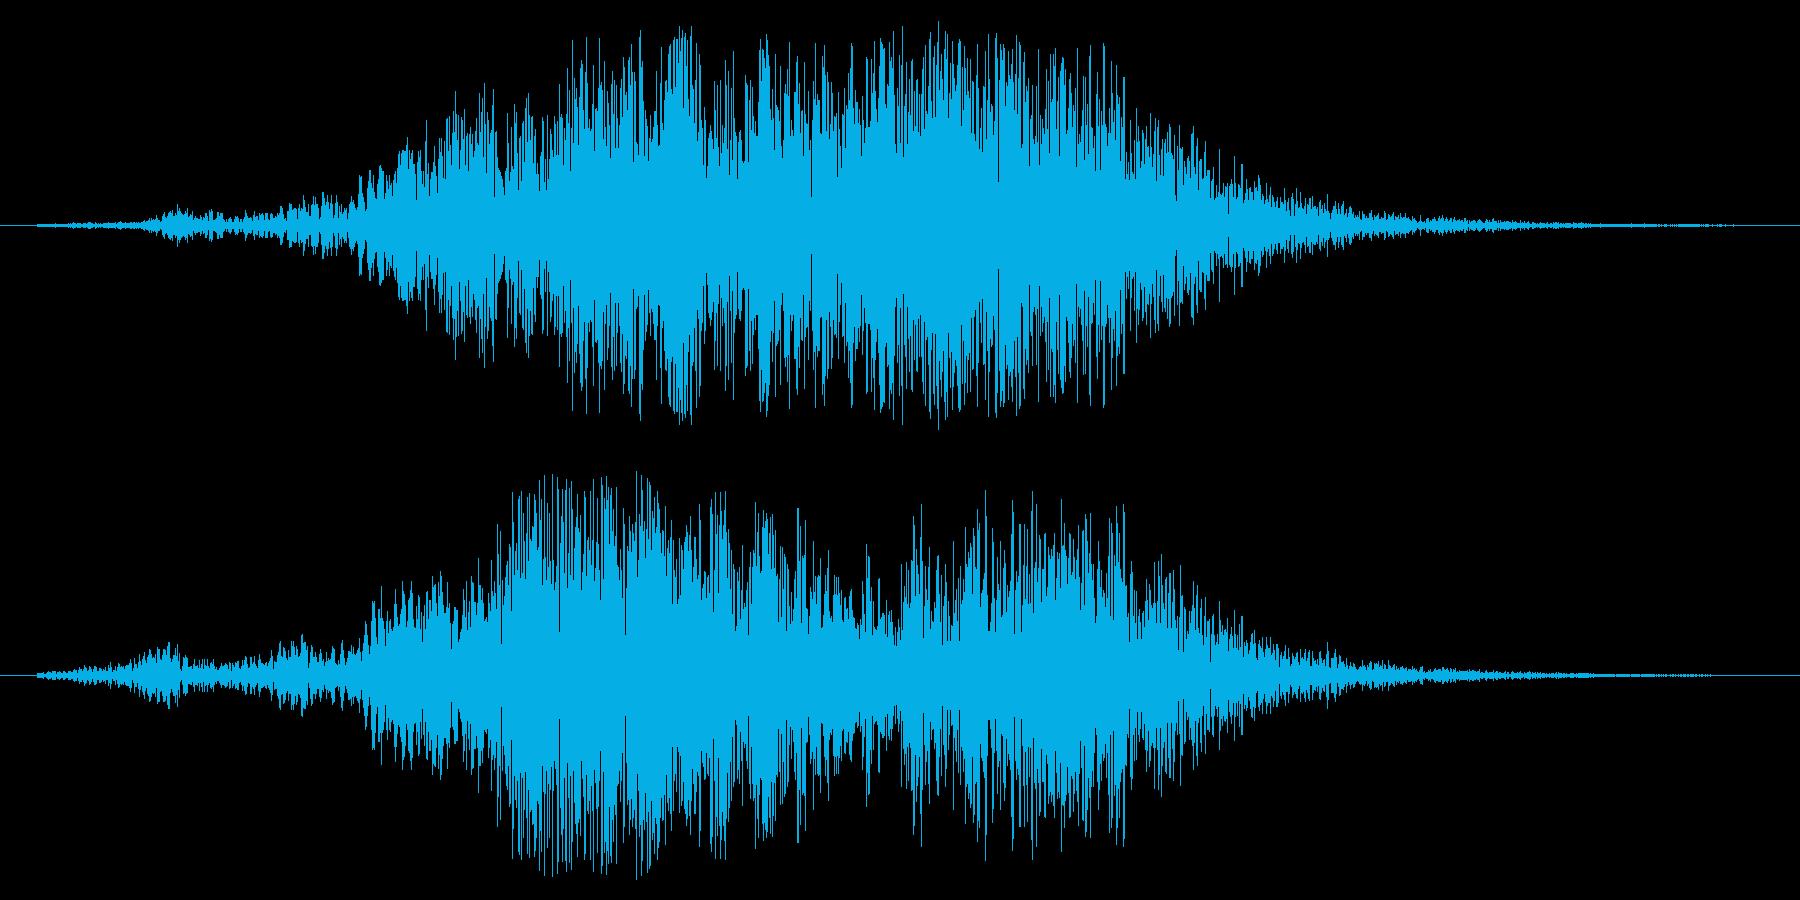 幻想的なタイトルアップ音の再生済みの波形